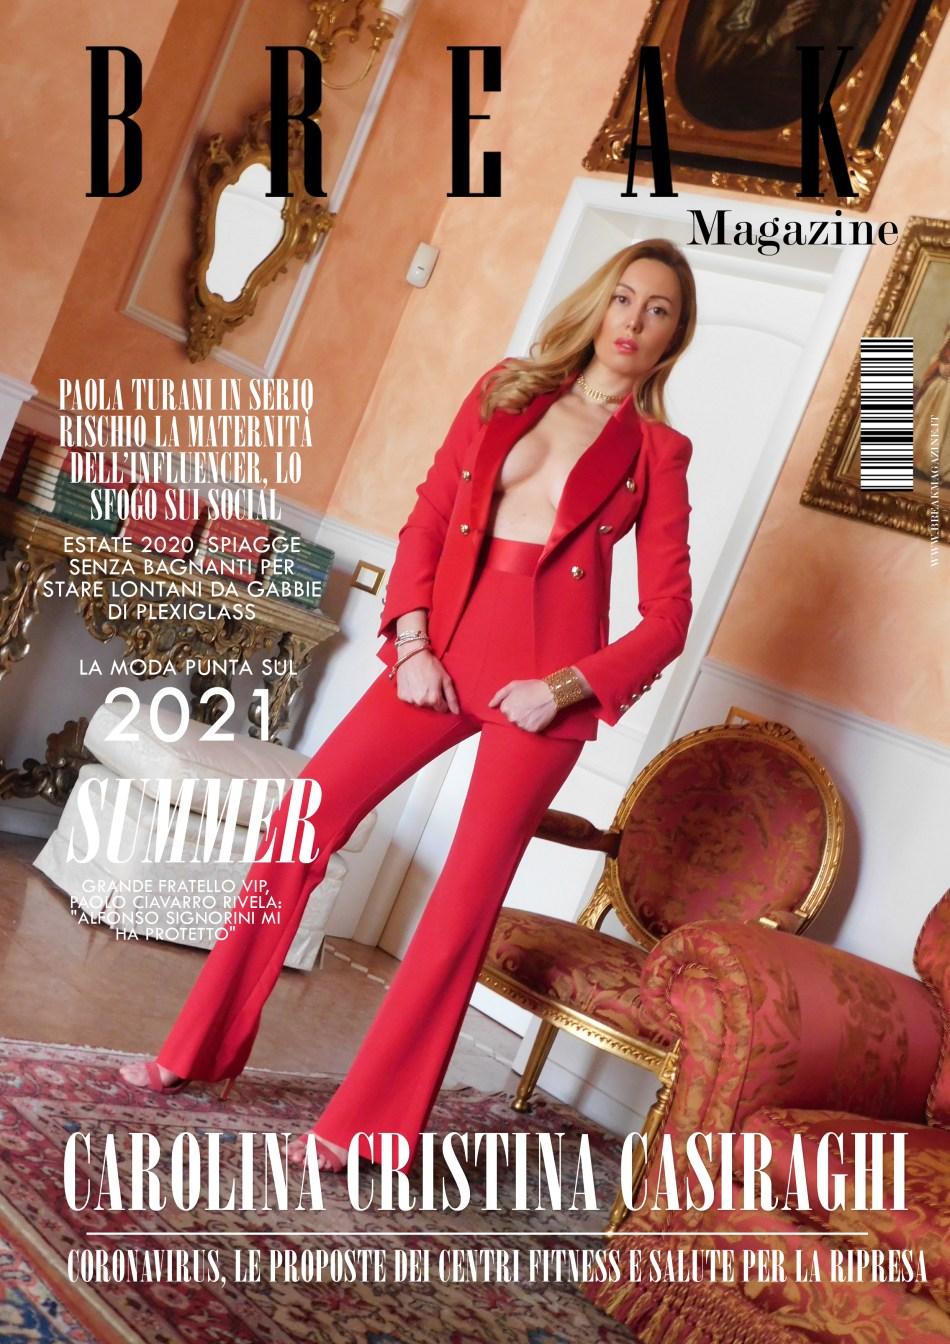 Carolina Cristina Casiraghi cover break magazine